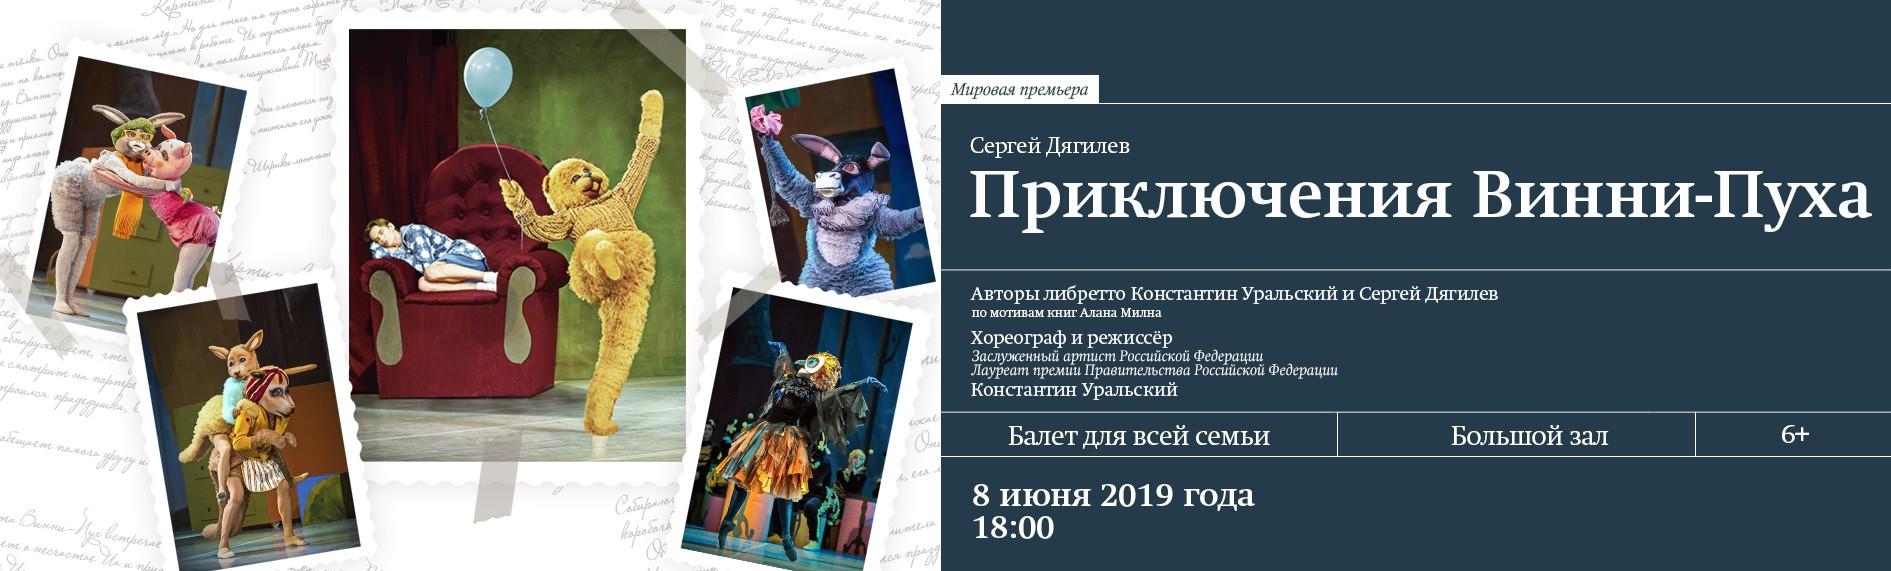 """Премьера балета """"Приключения Винни-Пуха"""""""